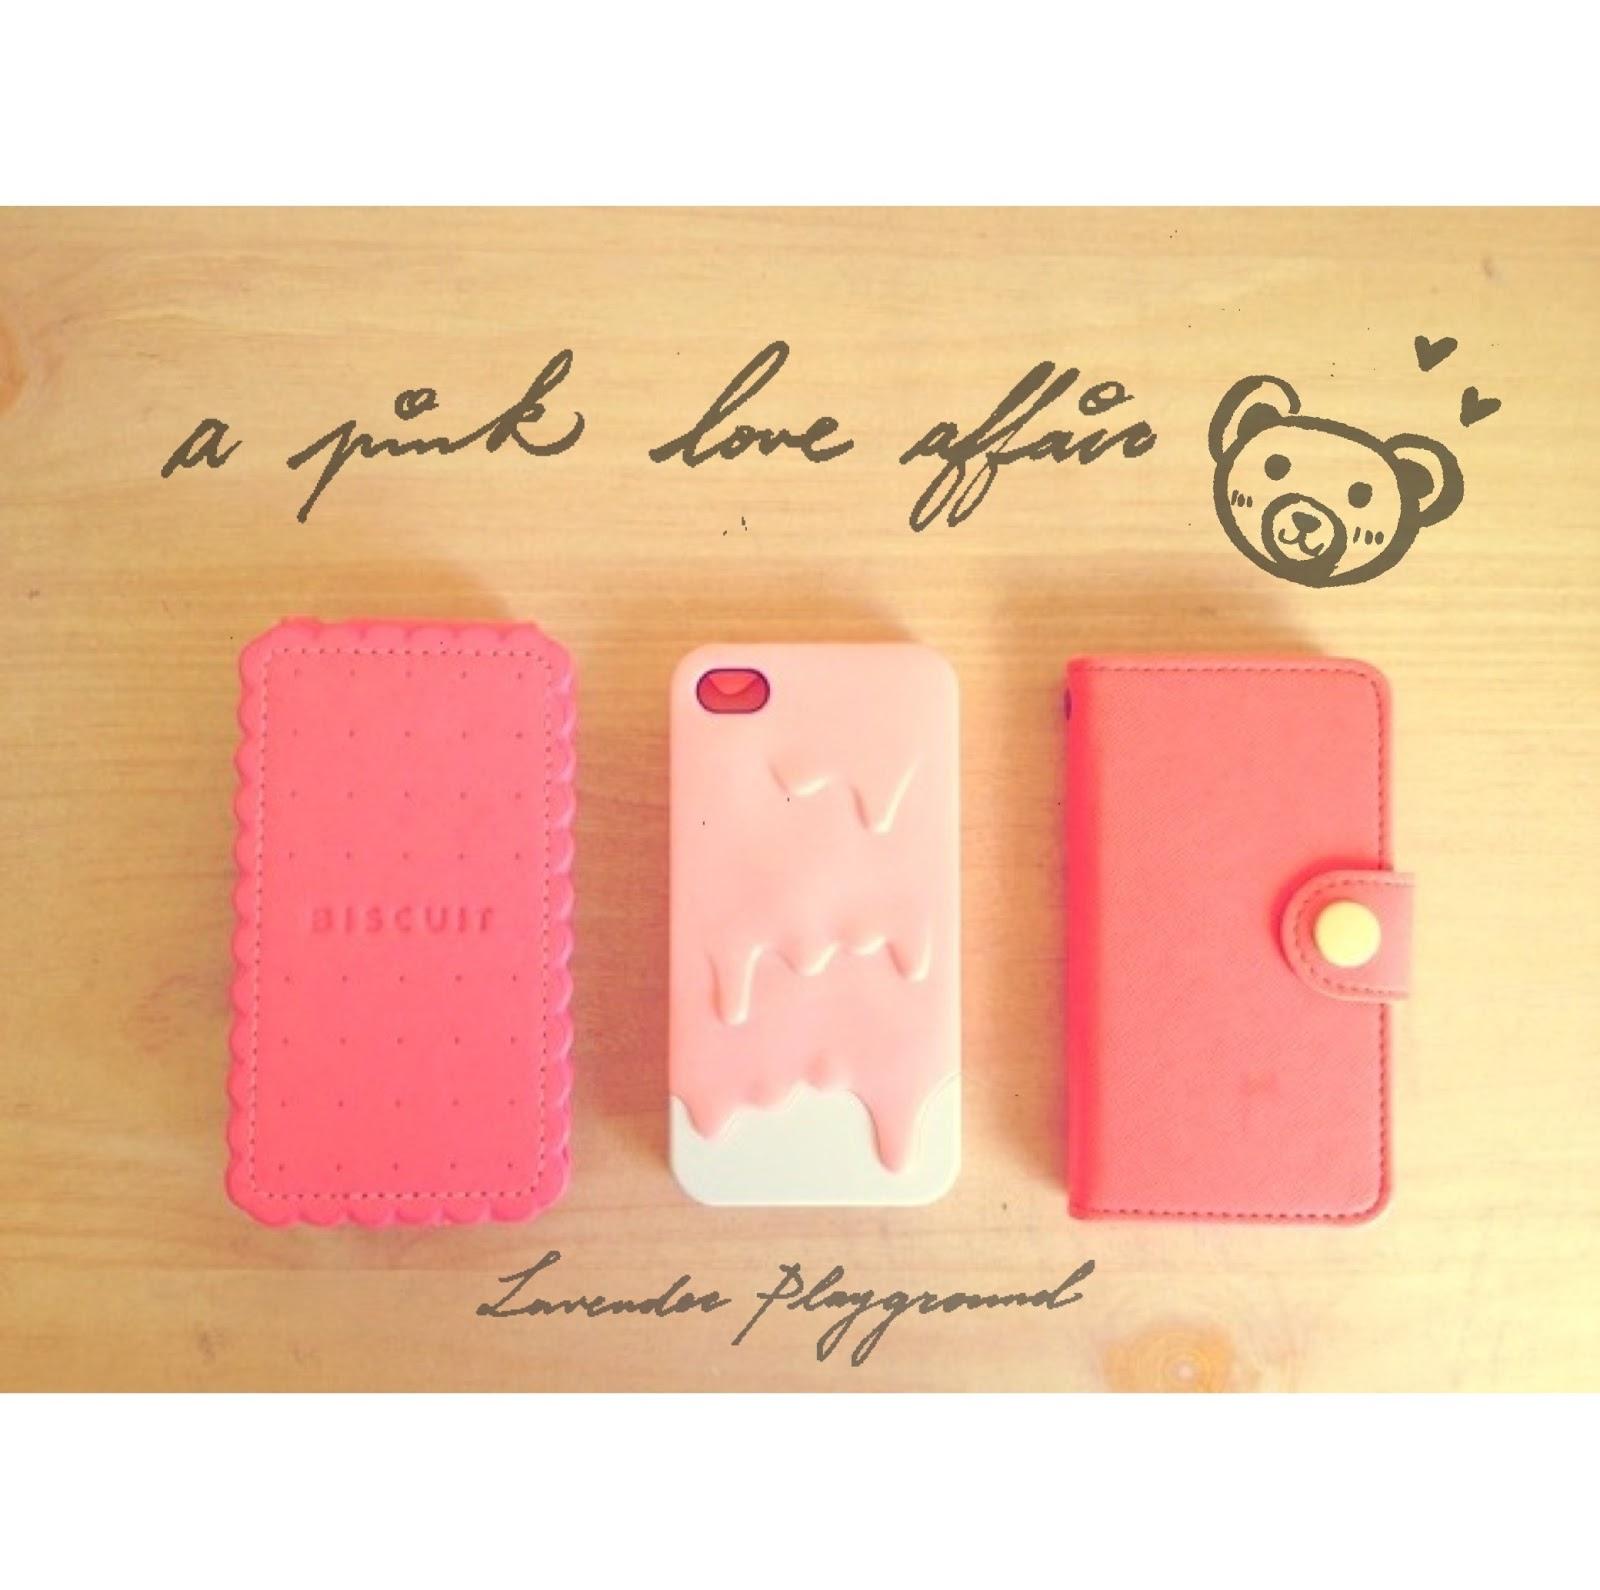 http://1.bp.blogspot.com/-aTiJDfl_3_E/UIzlNvNQtZI/AAAAAAAAB0s/SFi0J0Q4V0s/s1600/cute+pink+cellphone+cases.JPG